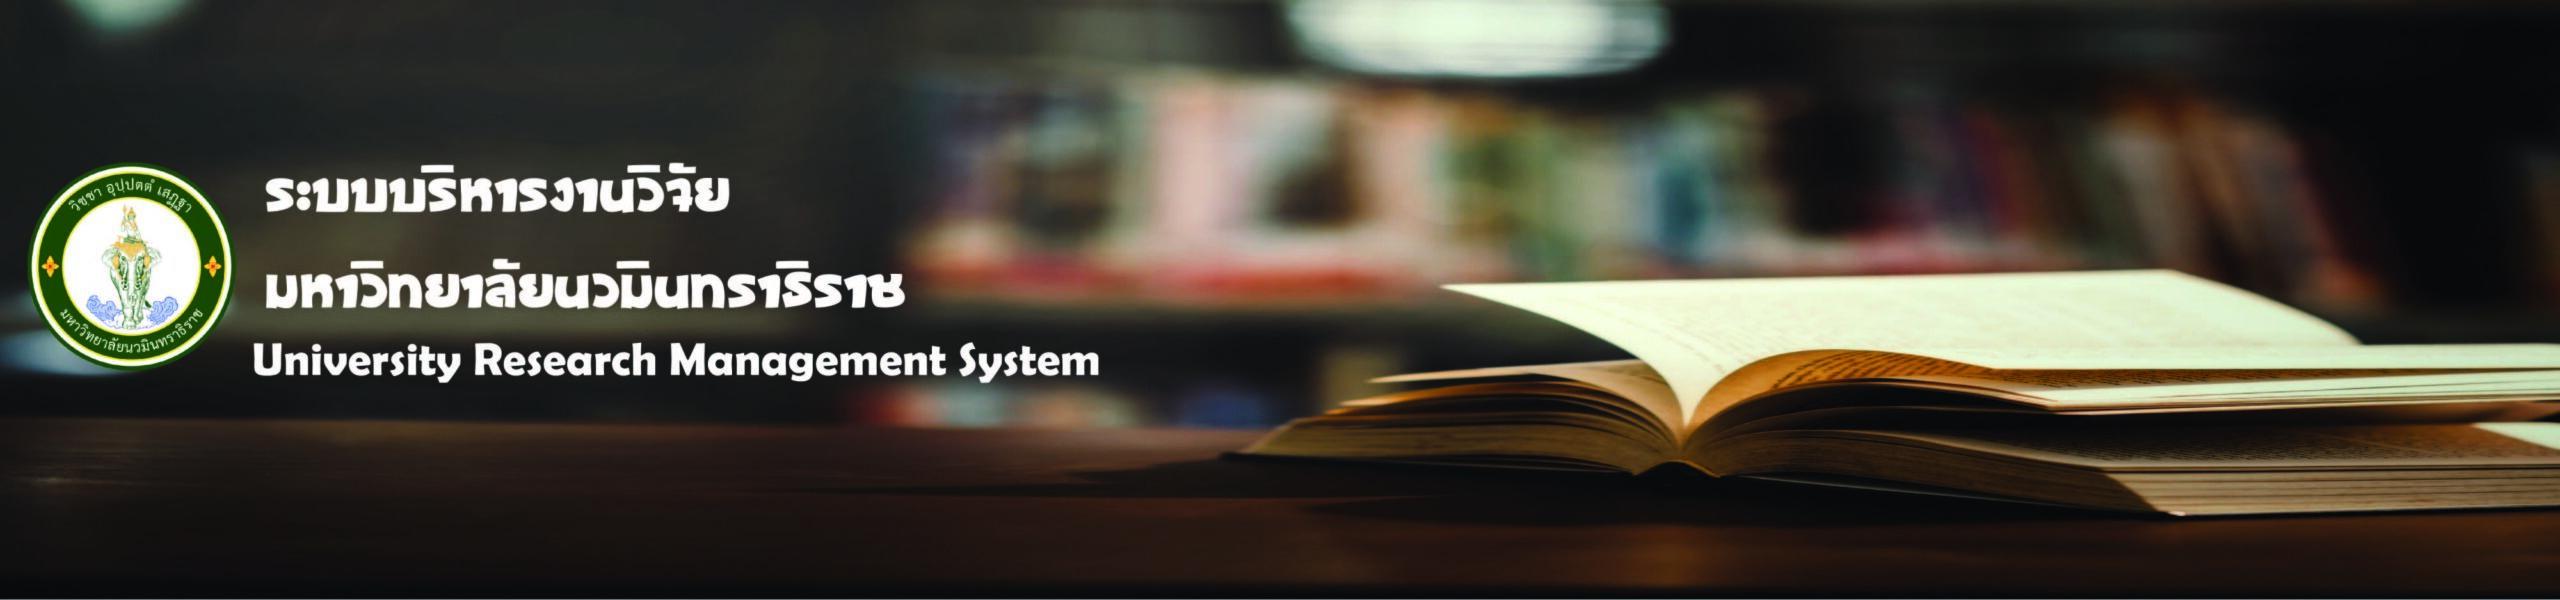 ระบบบริหารงานวิจัย มหาวิทยาลัยนวมินทราธิราช